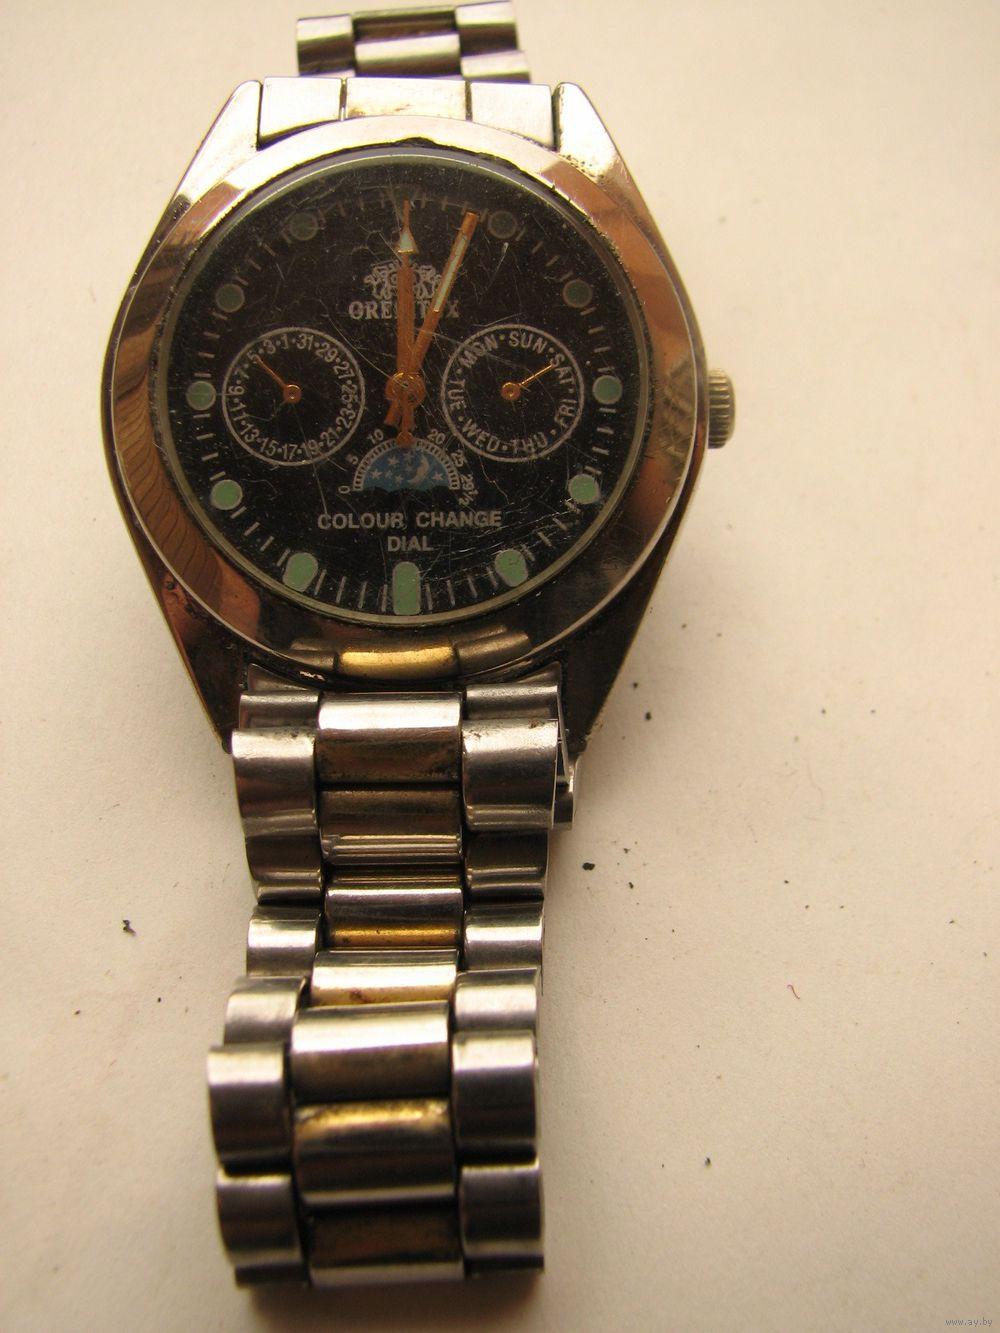 Часы Omax: история бренда, отзывы, интересные